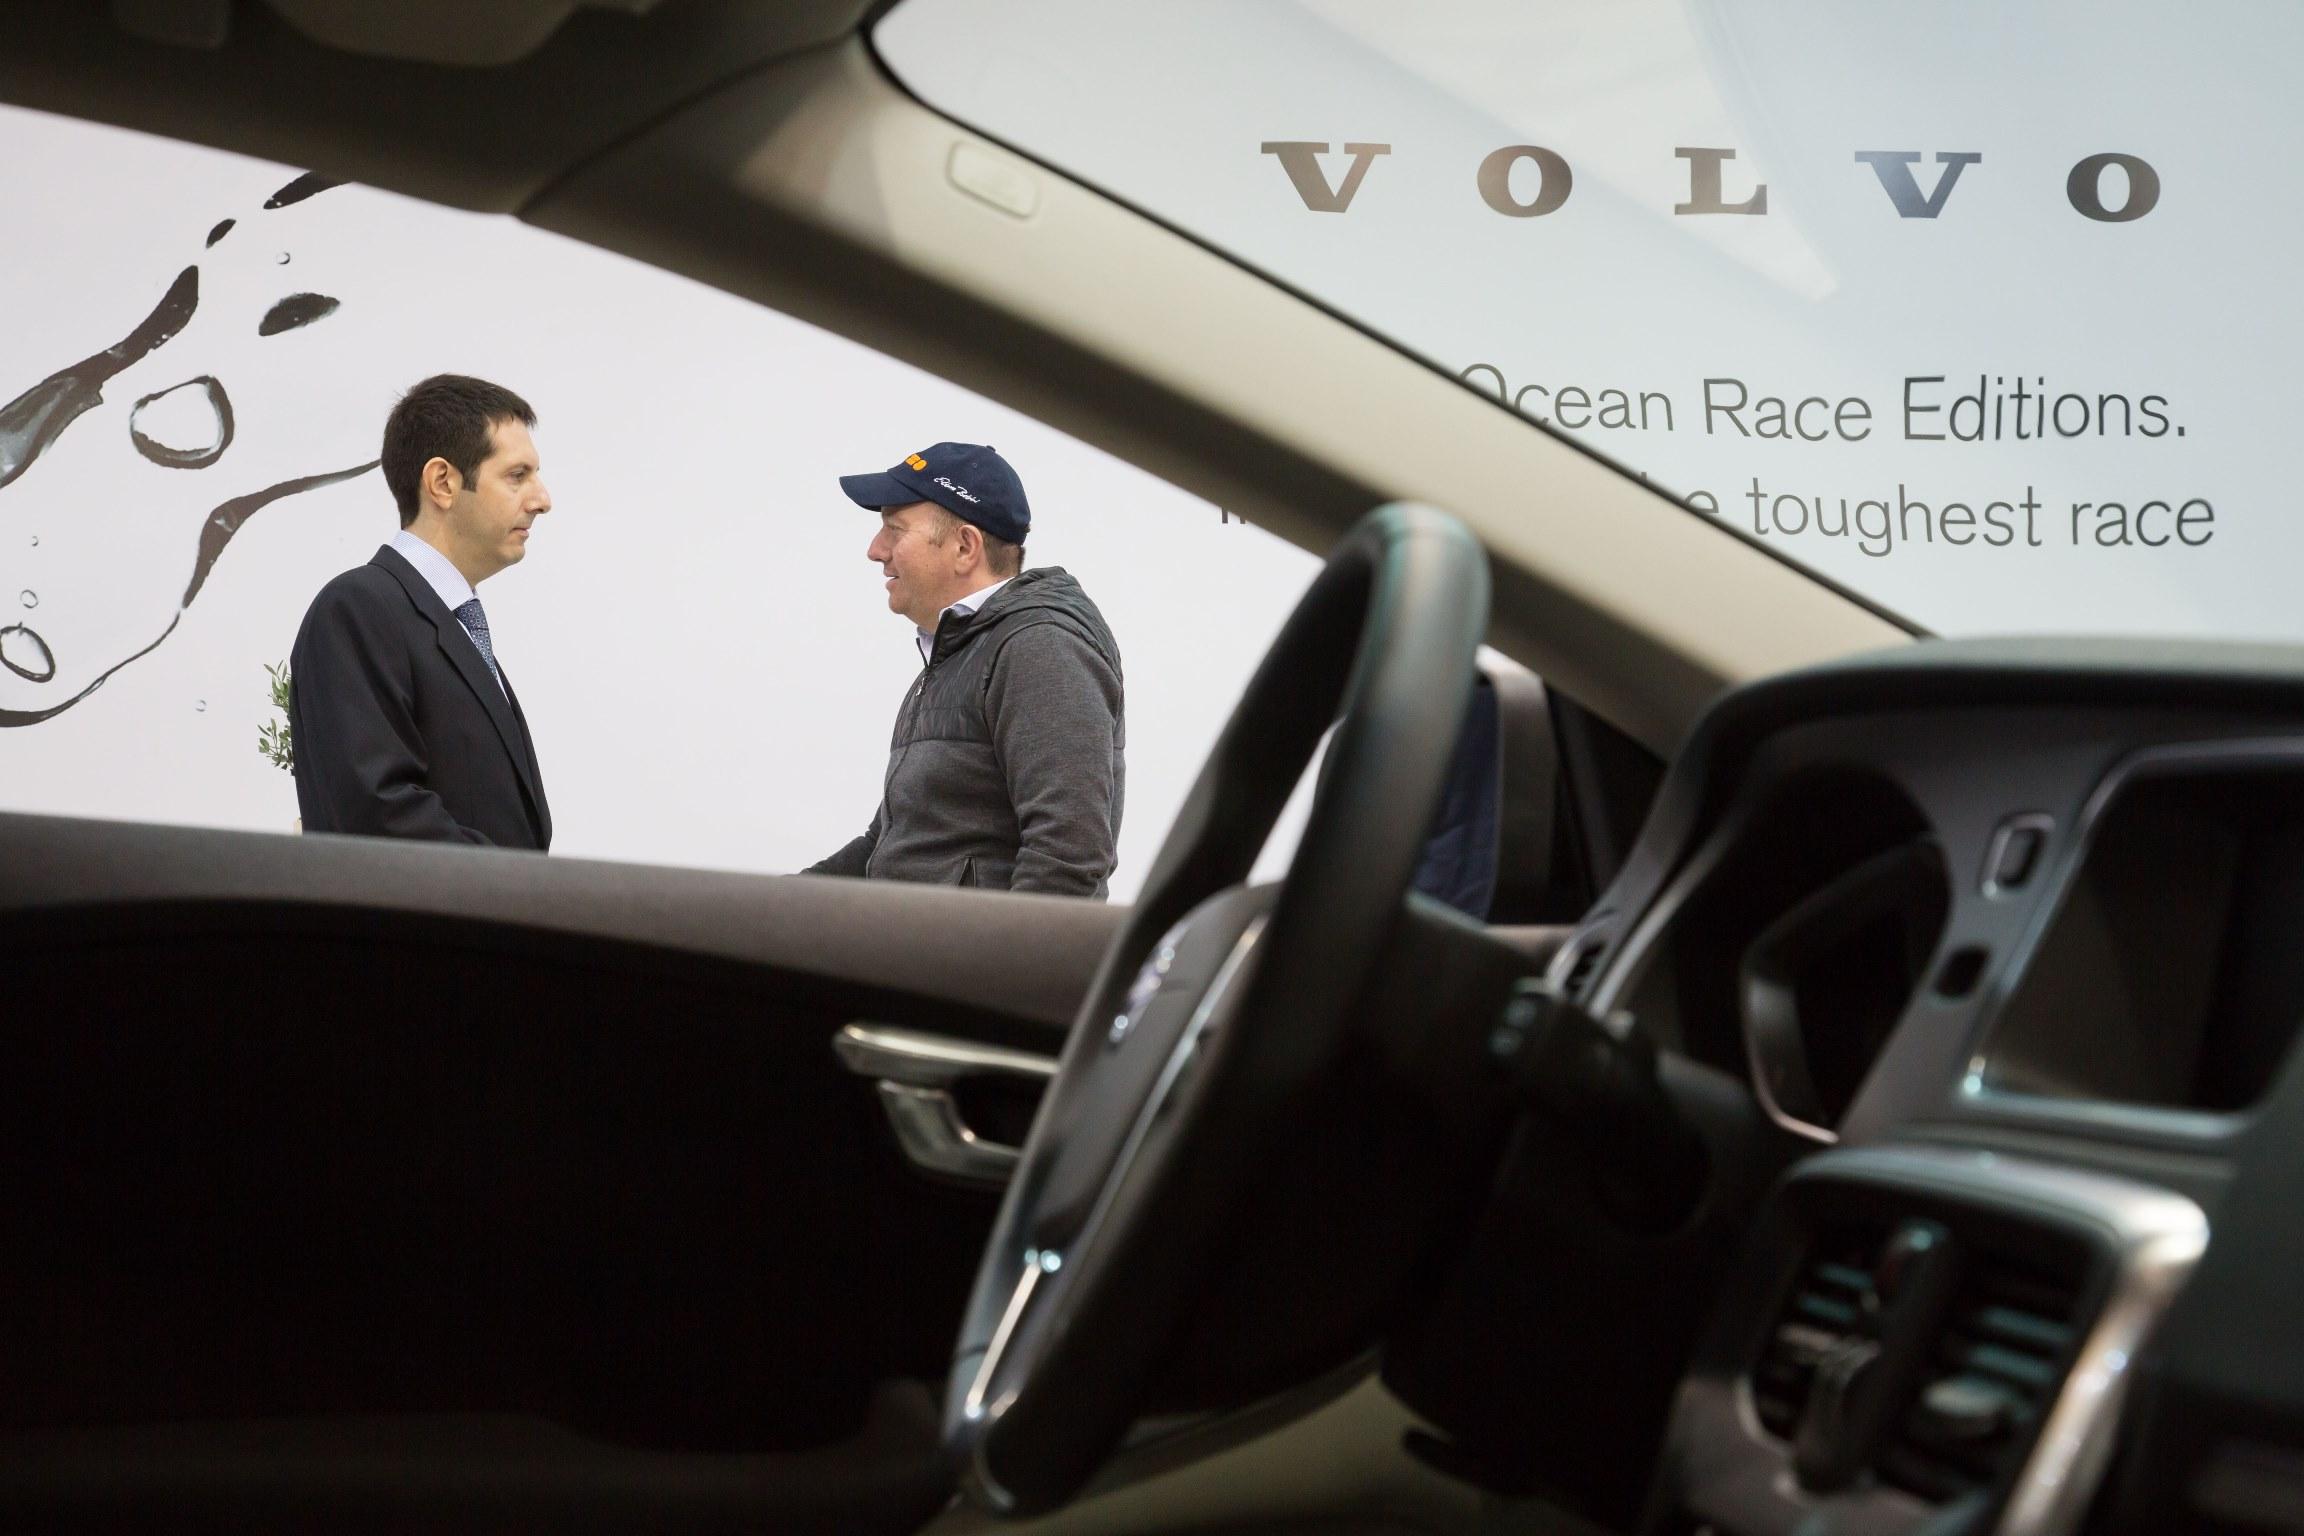 Μποτρίνι και Volvo «ένωσαν» τις δυνάμεις τους στην Αυτοκίνηση 2014